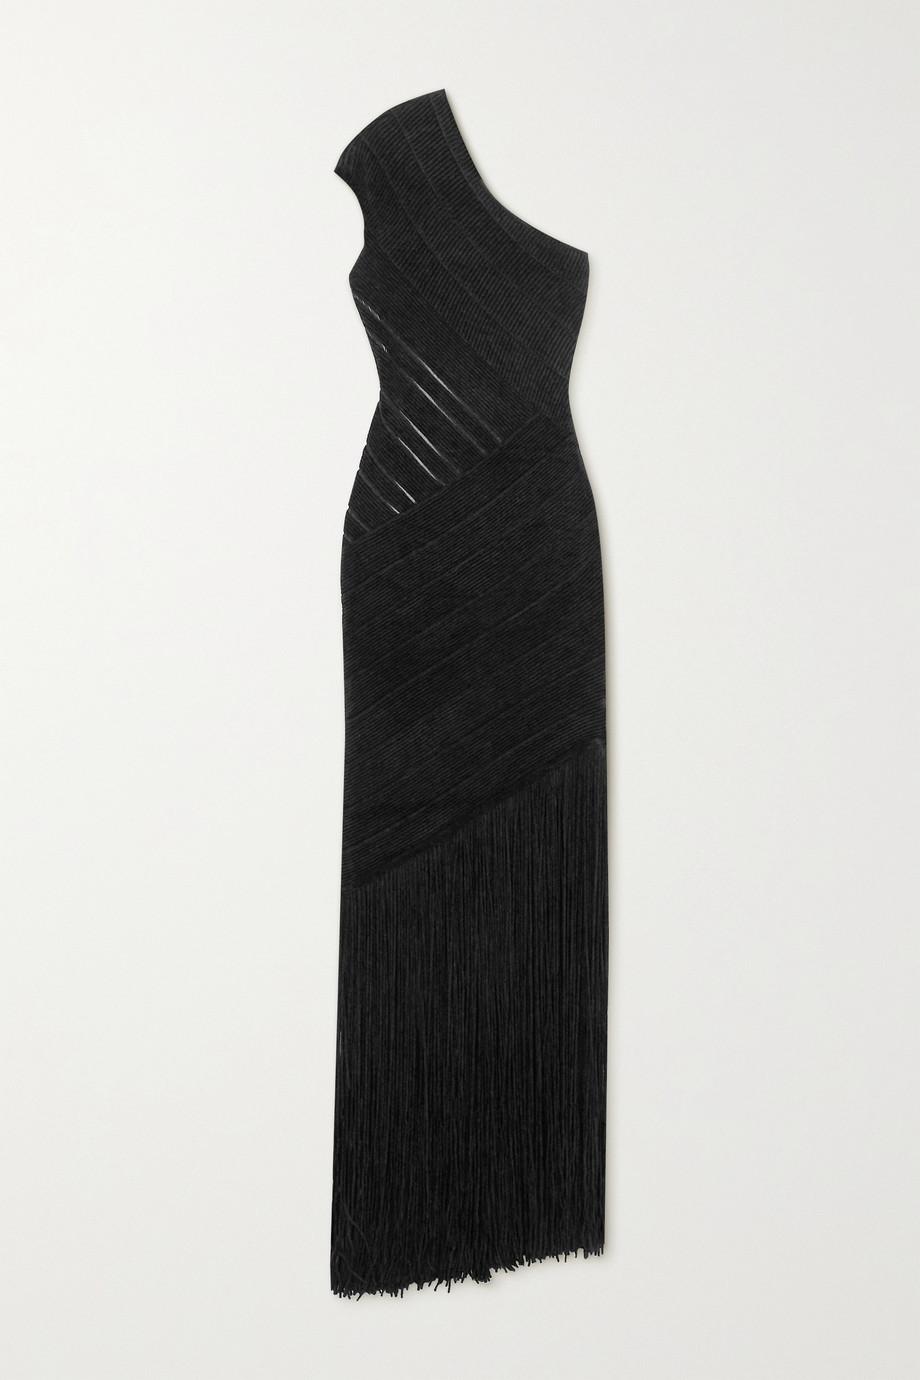 Hervé Léger One-shoulder fringed velour bandage gown